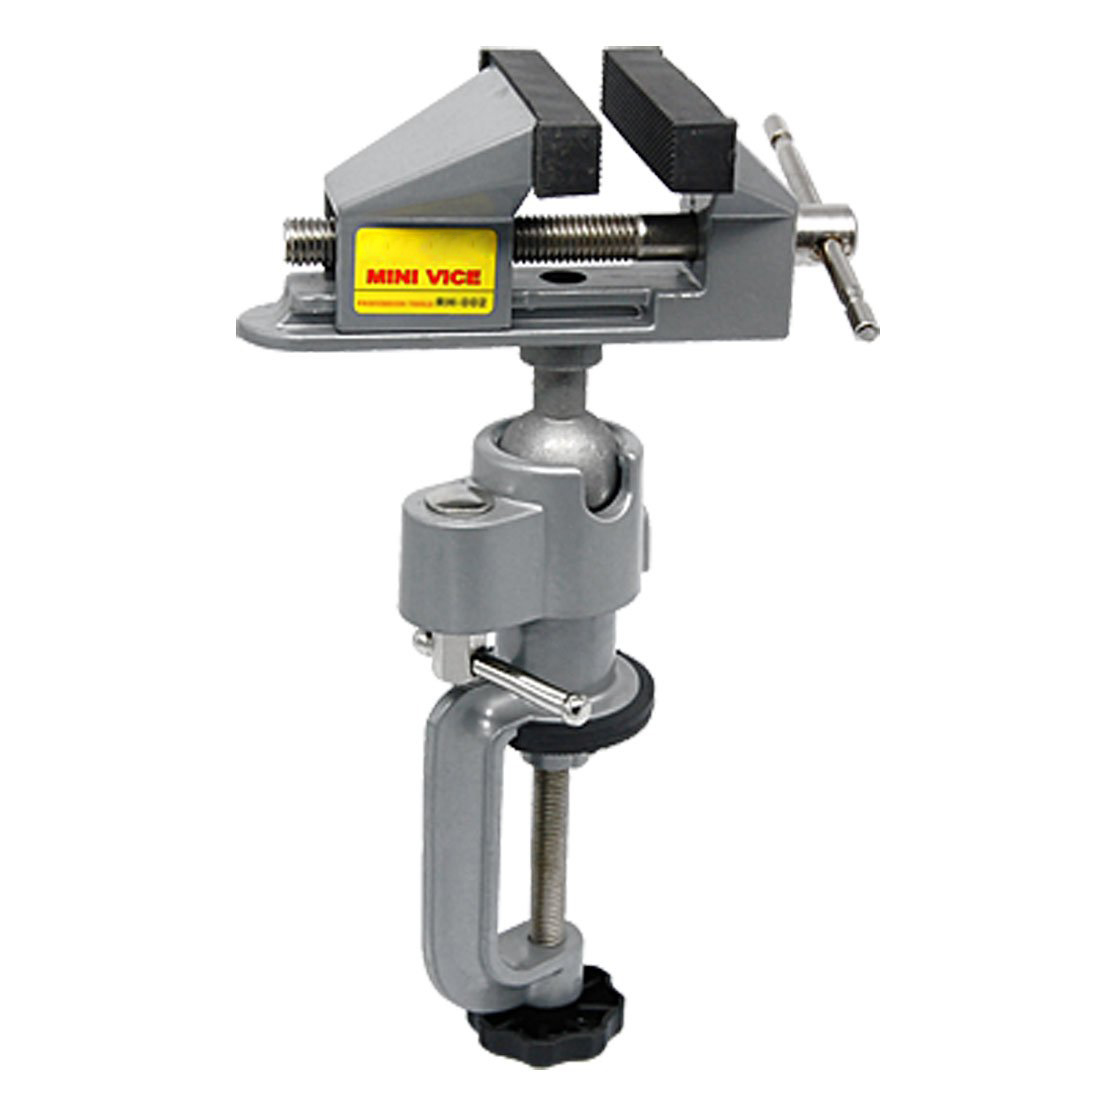 Tabelle schraubstock Bench Clamp Schraubstöcke Grinder Halter Bohrer Stehen für Dreh Werkzeug, Handwerk, Modell Gebäude, Elektronik, hobby